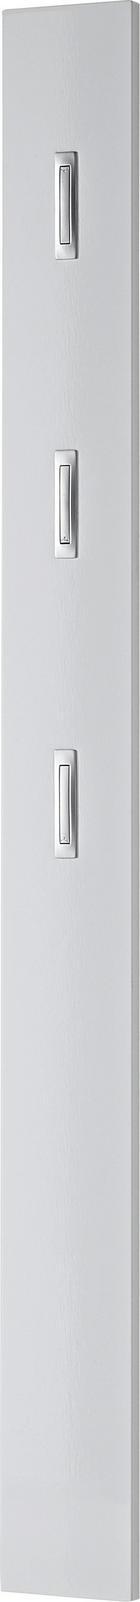 GARDEROBENPANEEL - Weiß, Design, Holzwerkstoff (15/170/4cm) - VOLEO